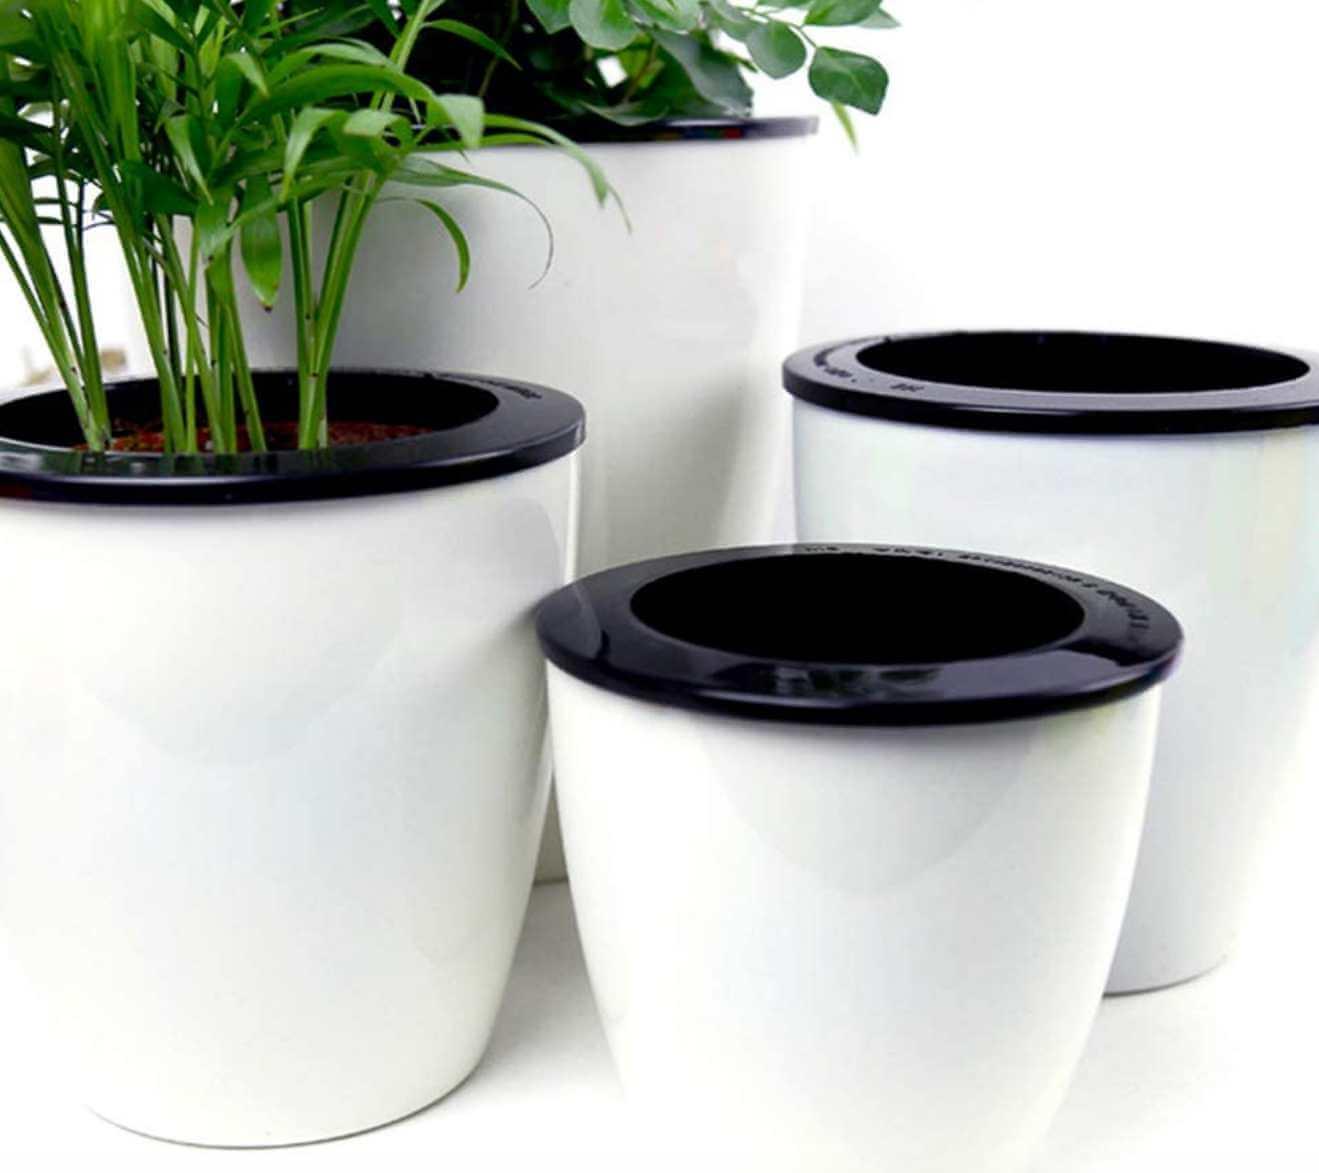 Zelfwaterende plantenbakjes